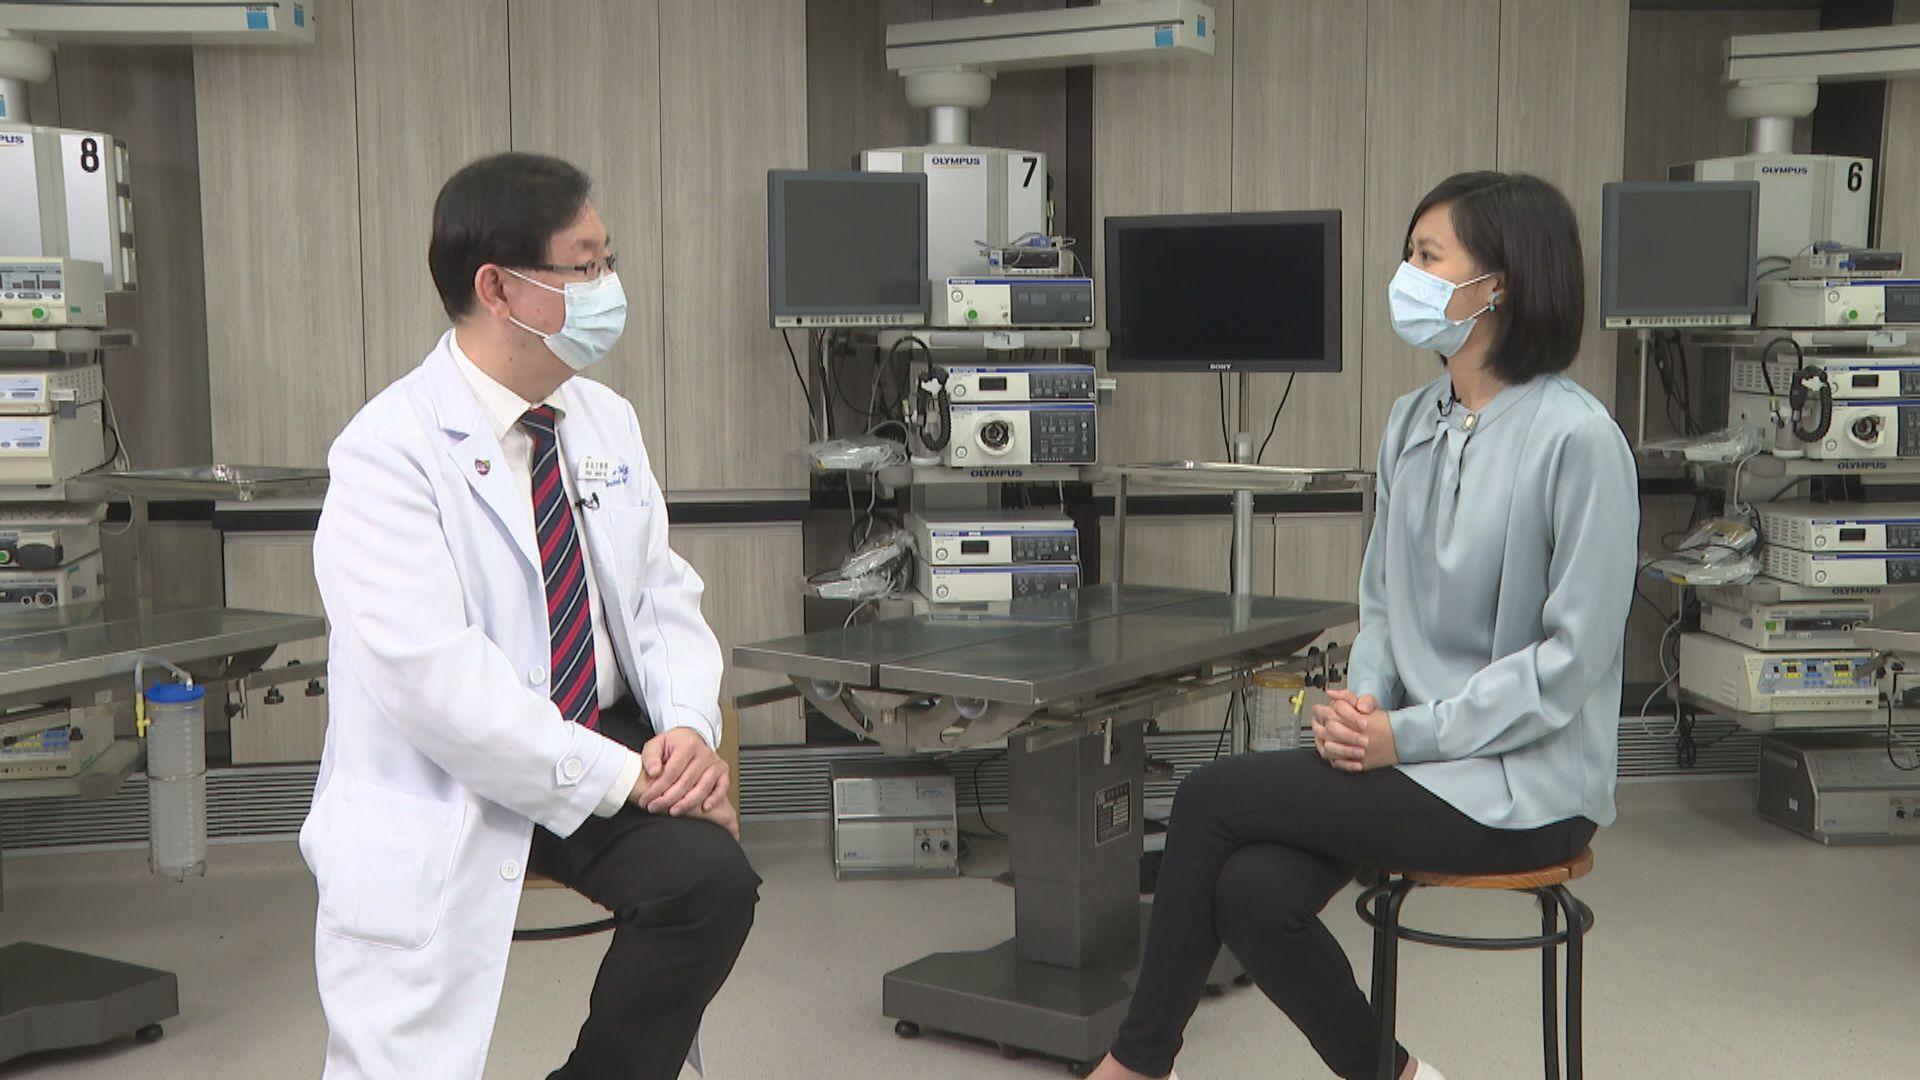 【杏林在線—健康1分鐘+】患闌尾炎怎麼辦?